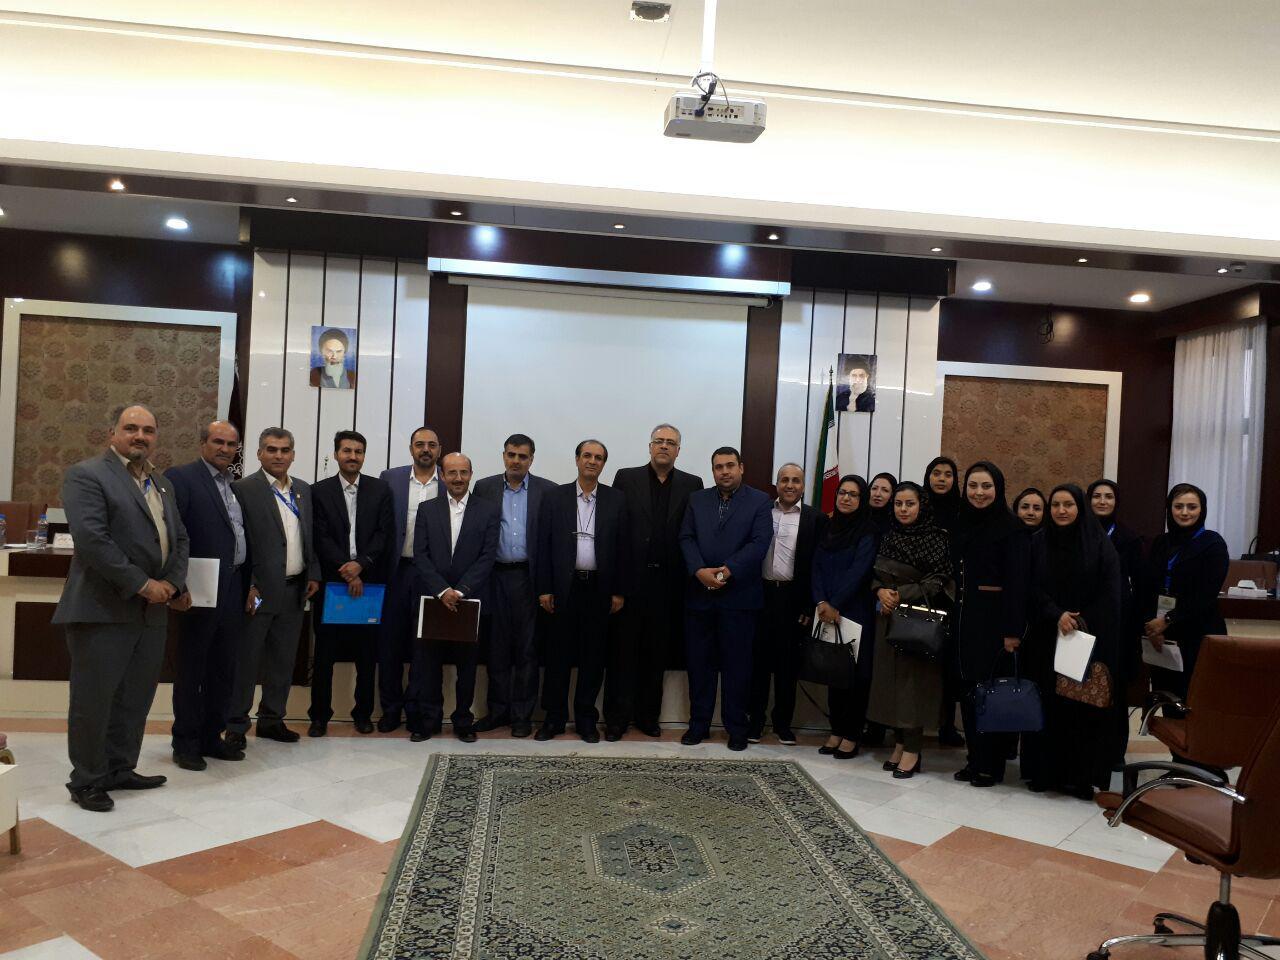 برگزاری سمینار آموزش پرستاری دستگاه های دیالیز  4008s Classic فرزنیوس در مشهد